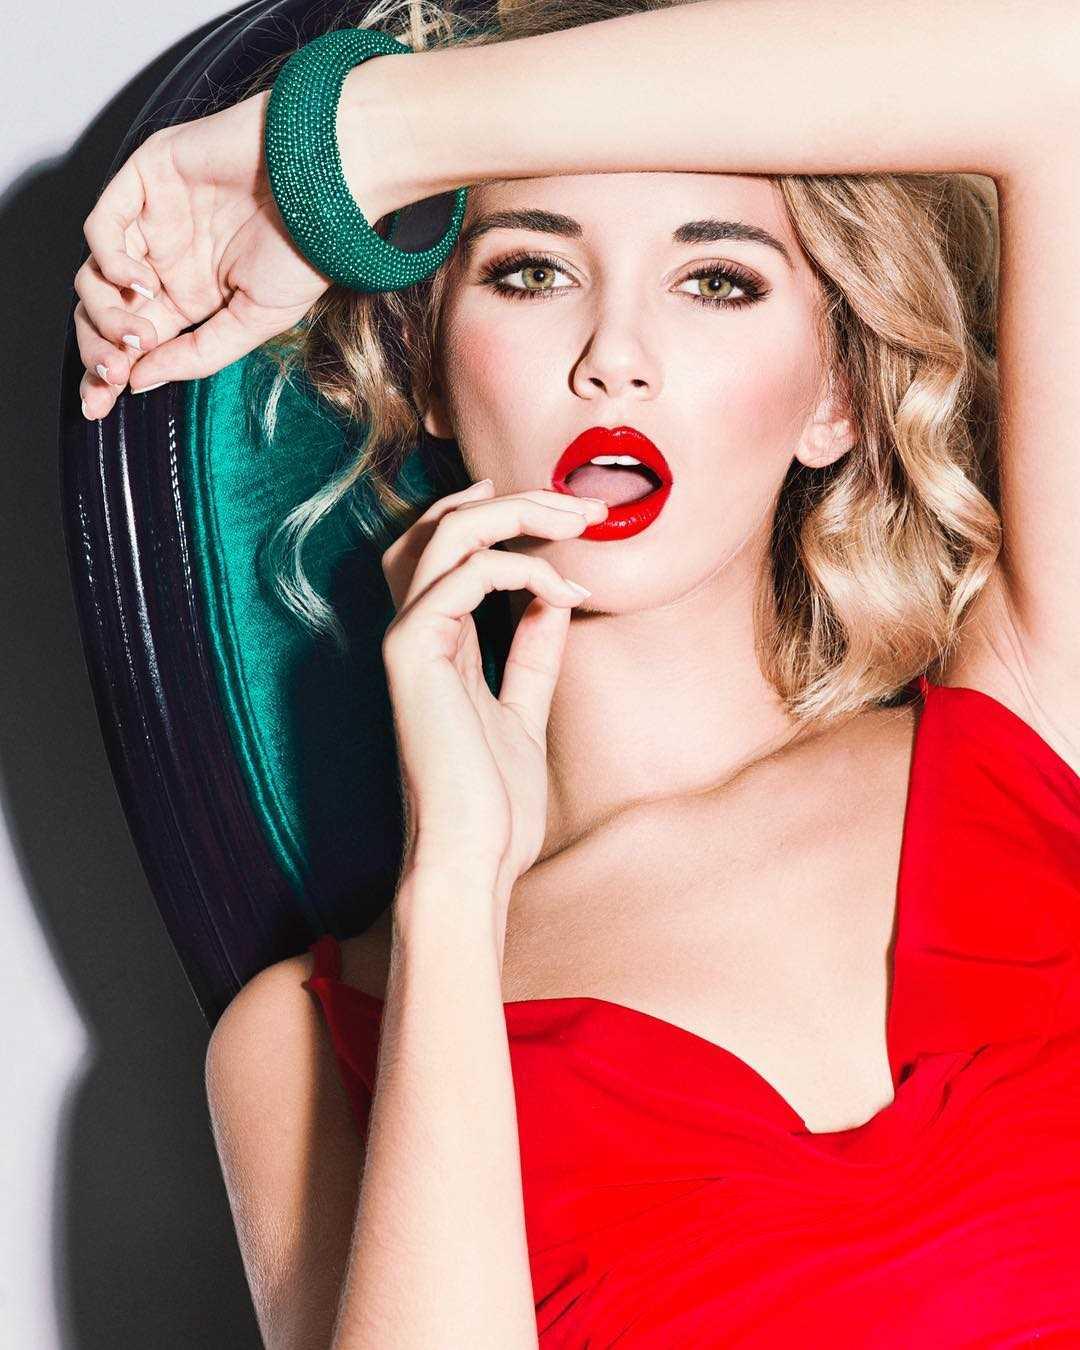 Popart And Vibrant Fashion Photography By Elena Iv Skaya